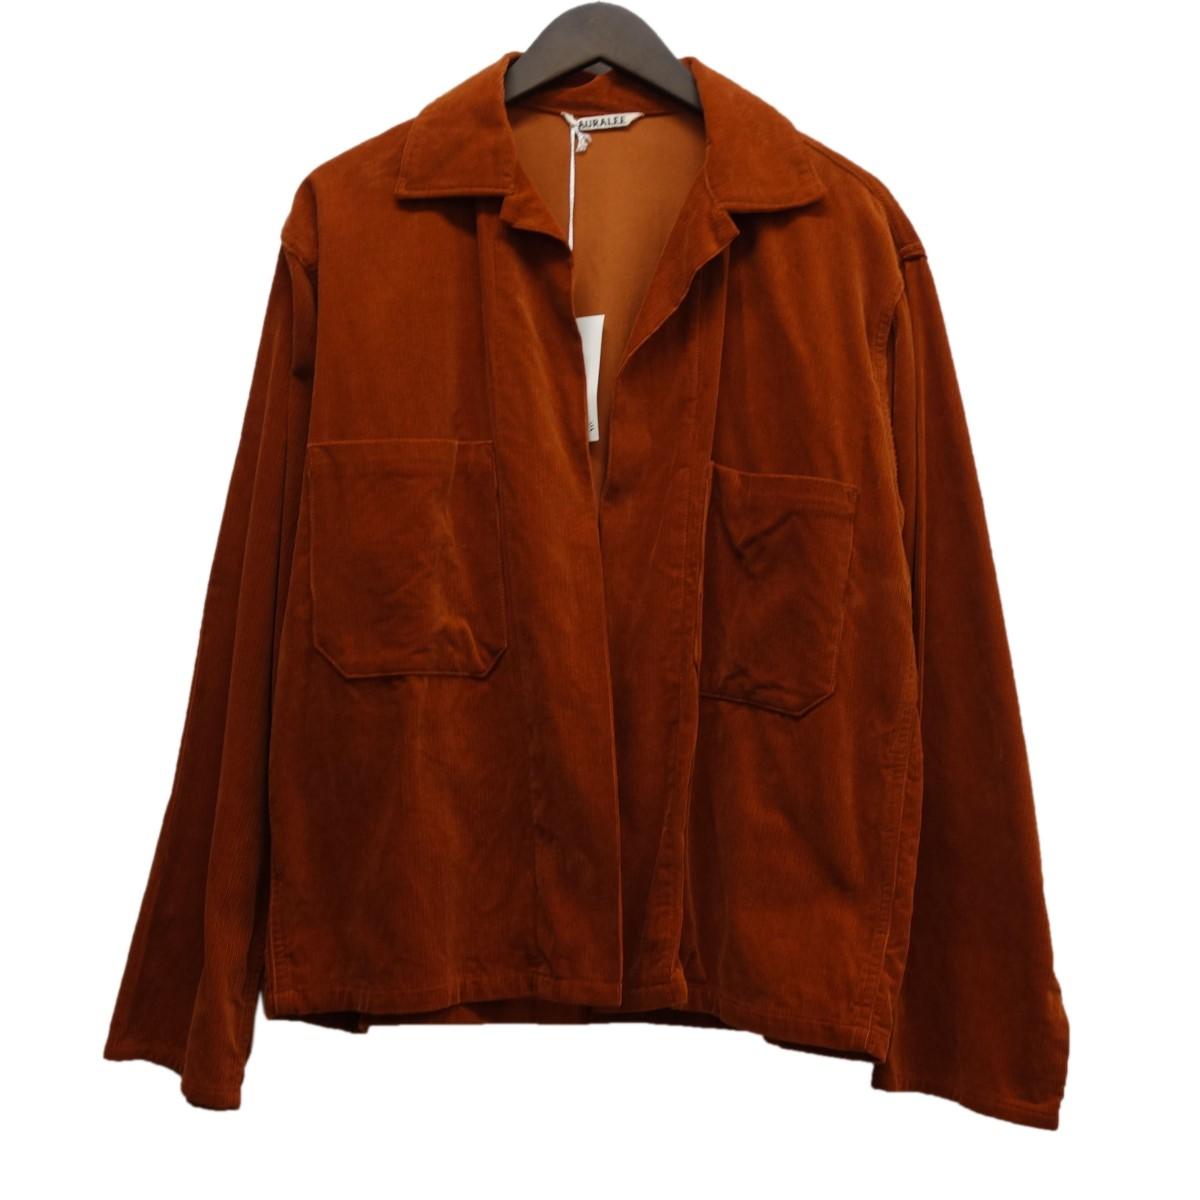 【中古】AURALEE 18SS「WASHED CORDUROY SHIRTS JACKET」コーデュロイシャツジャケット ブリックレッド サイズ:3 【060420】(オーラリー)